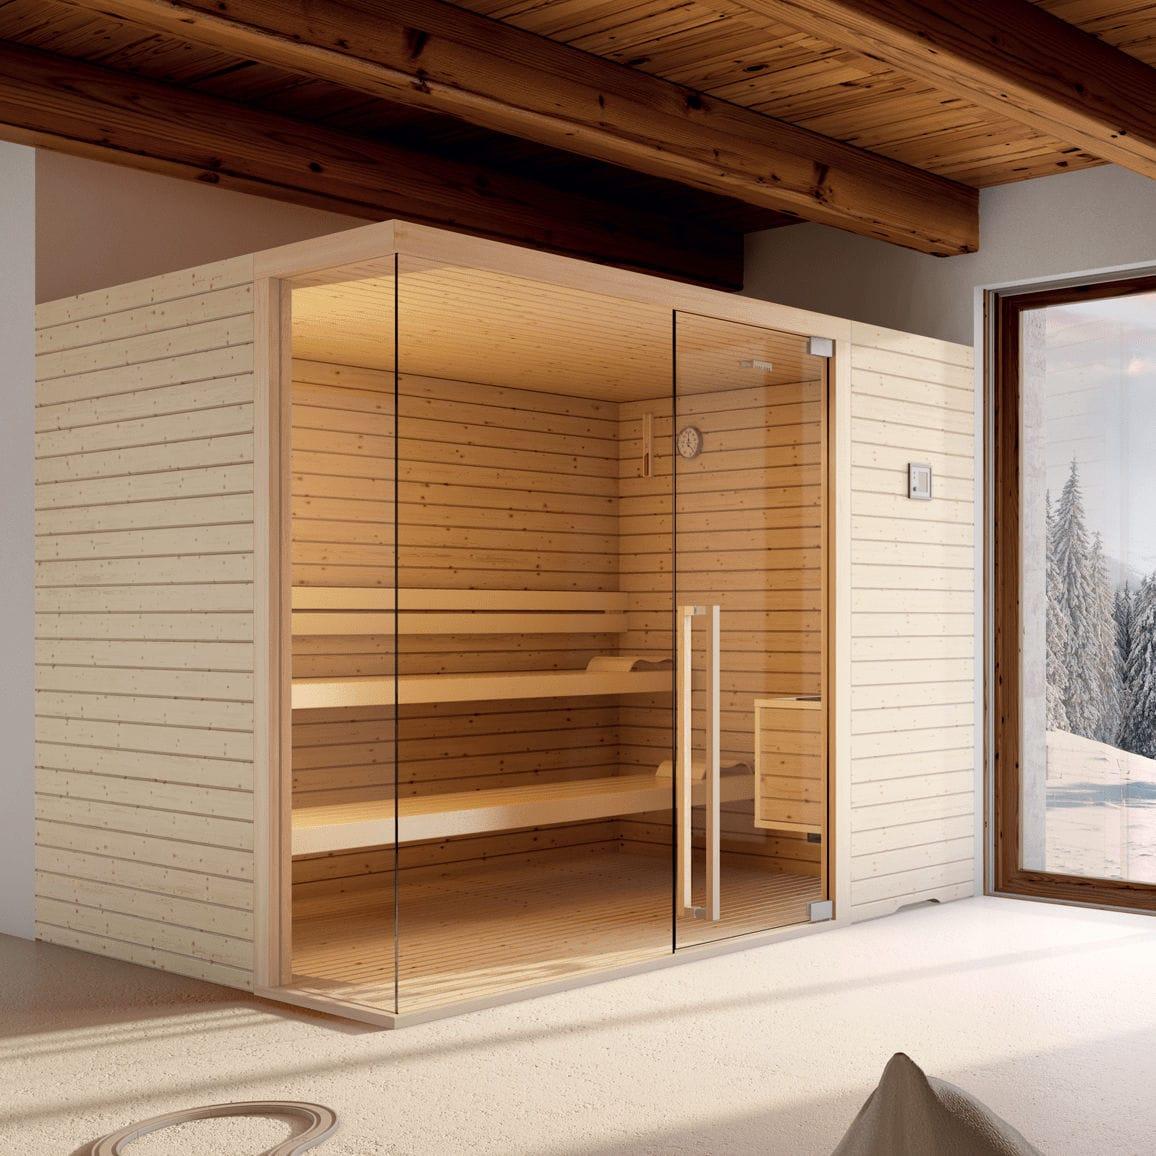 Cabine De Sauna Prix sauna cabine / à pierres à sauna elegant stenal